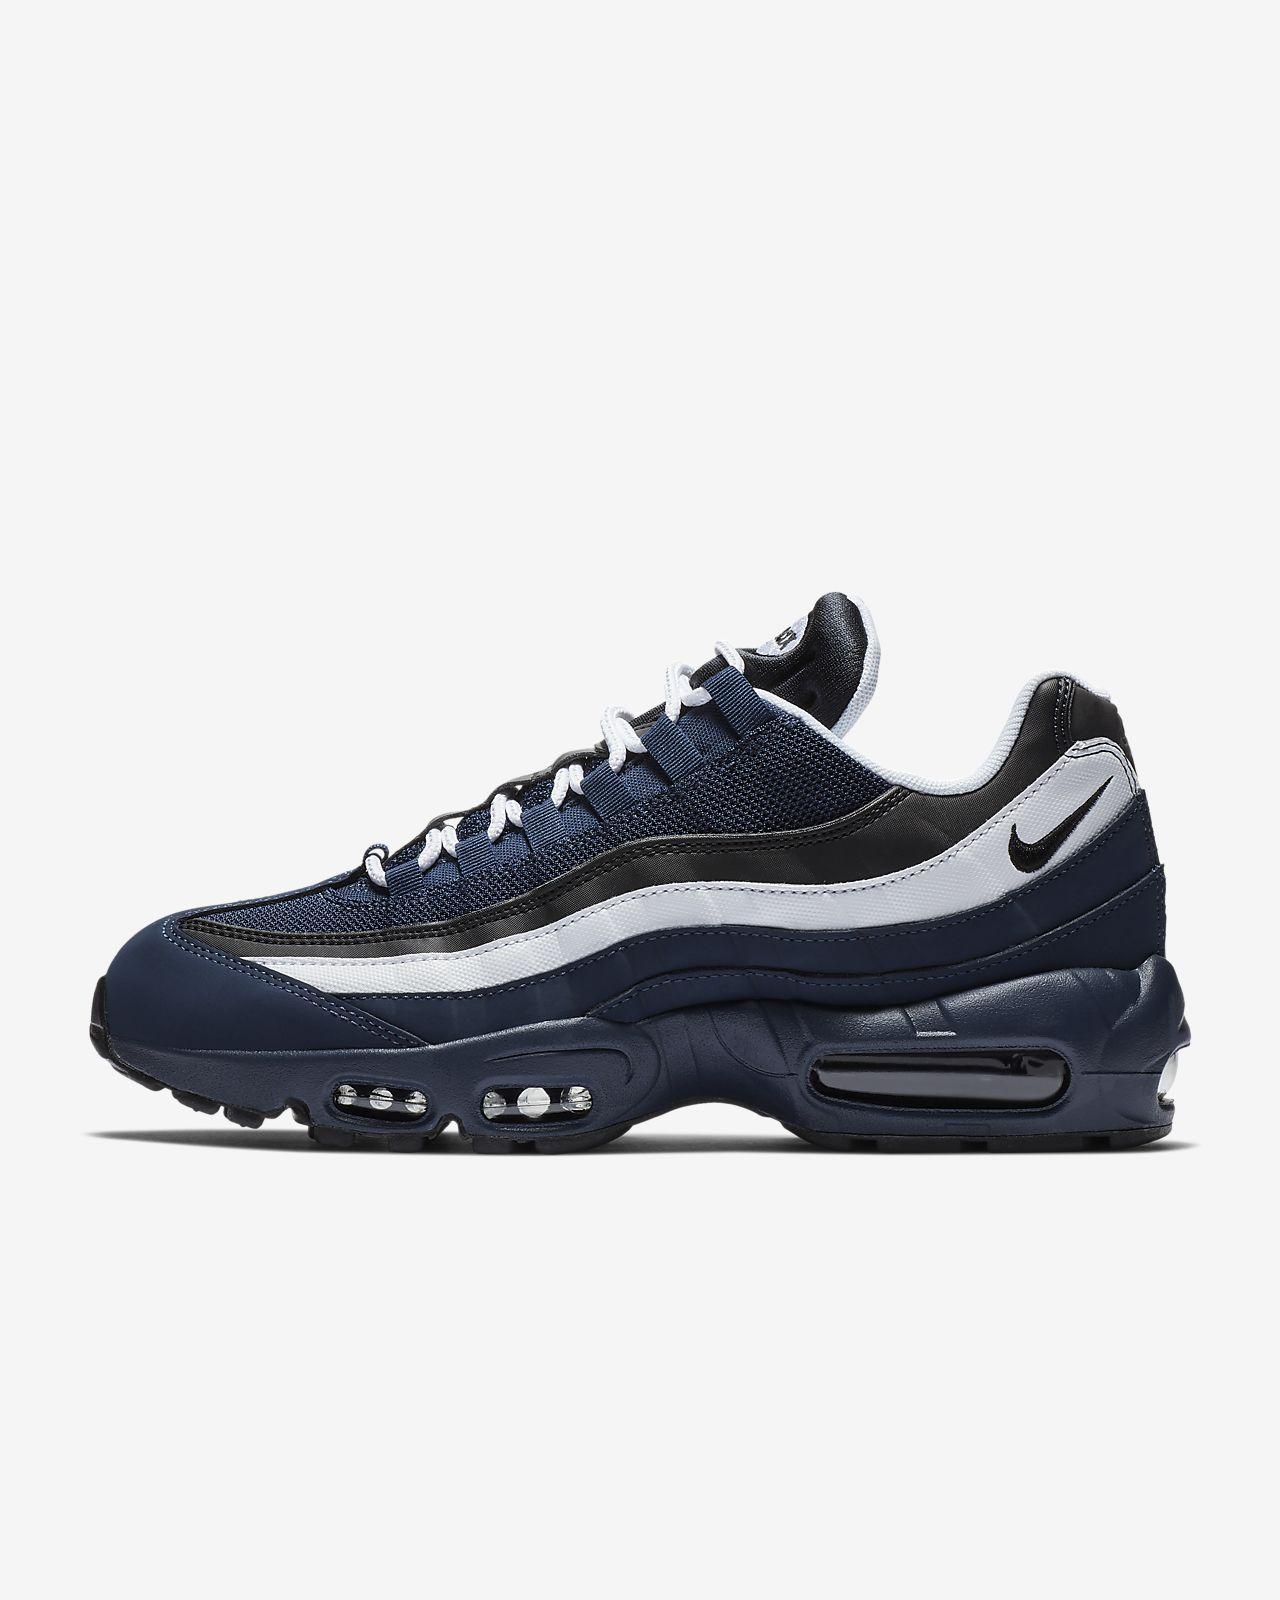 2e6582f2994 Pánská bota Nike Air Max 95 Essential. Nike.com CZ